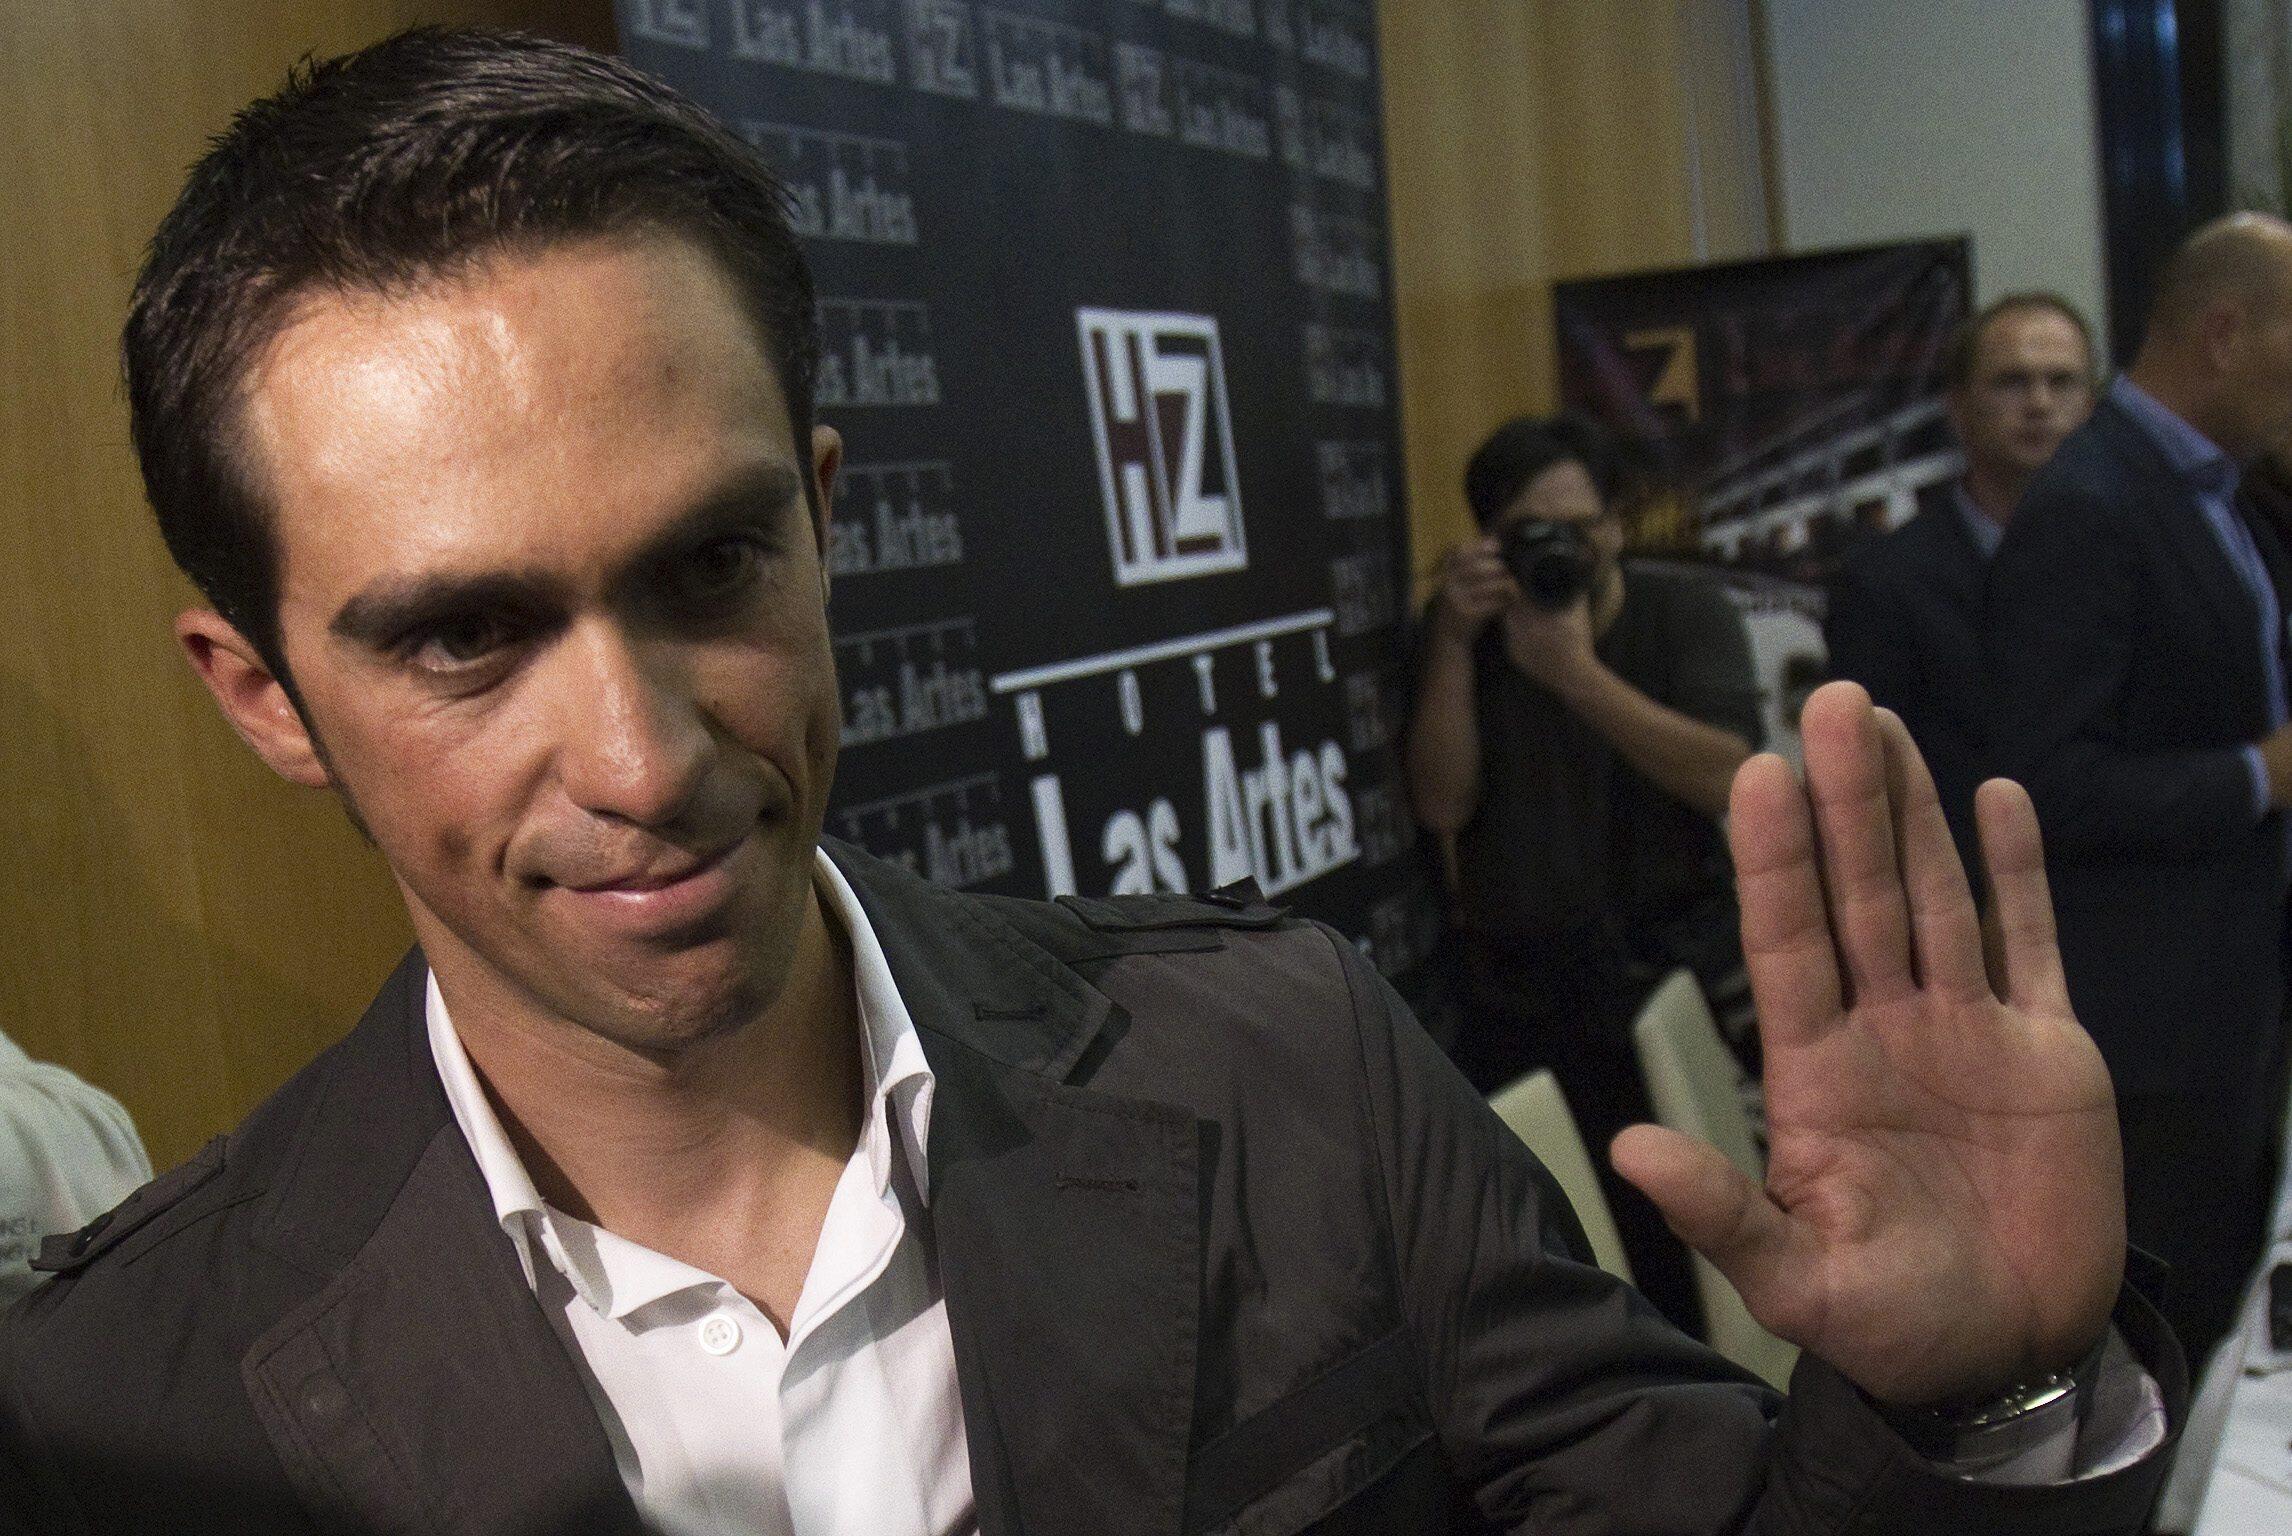 El ciclista español Alberto Contador en el transcurso de la conferencia de prensa, el 7 de febrero de 2012.